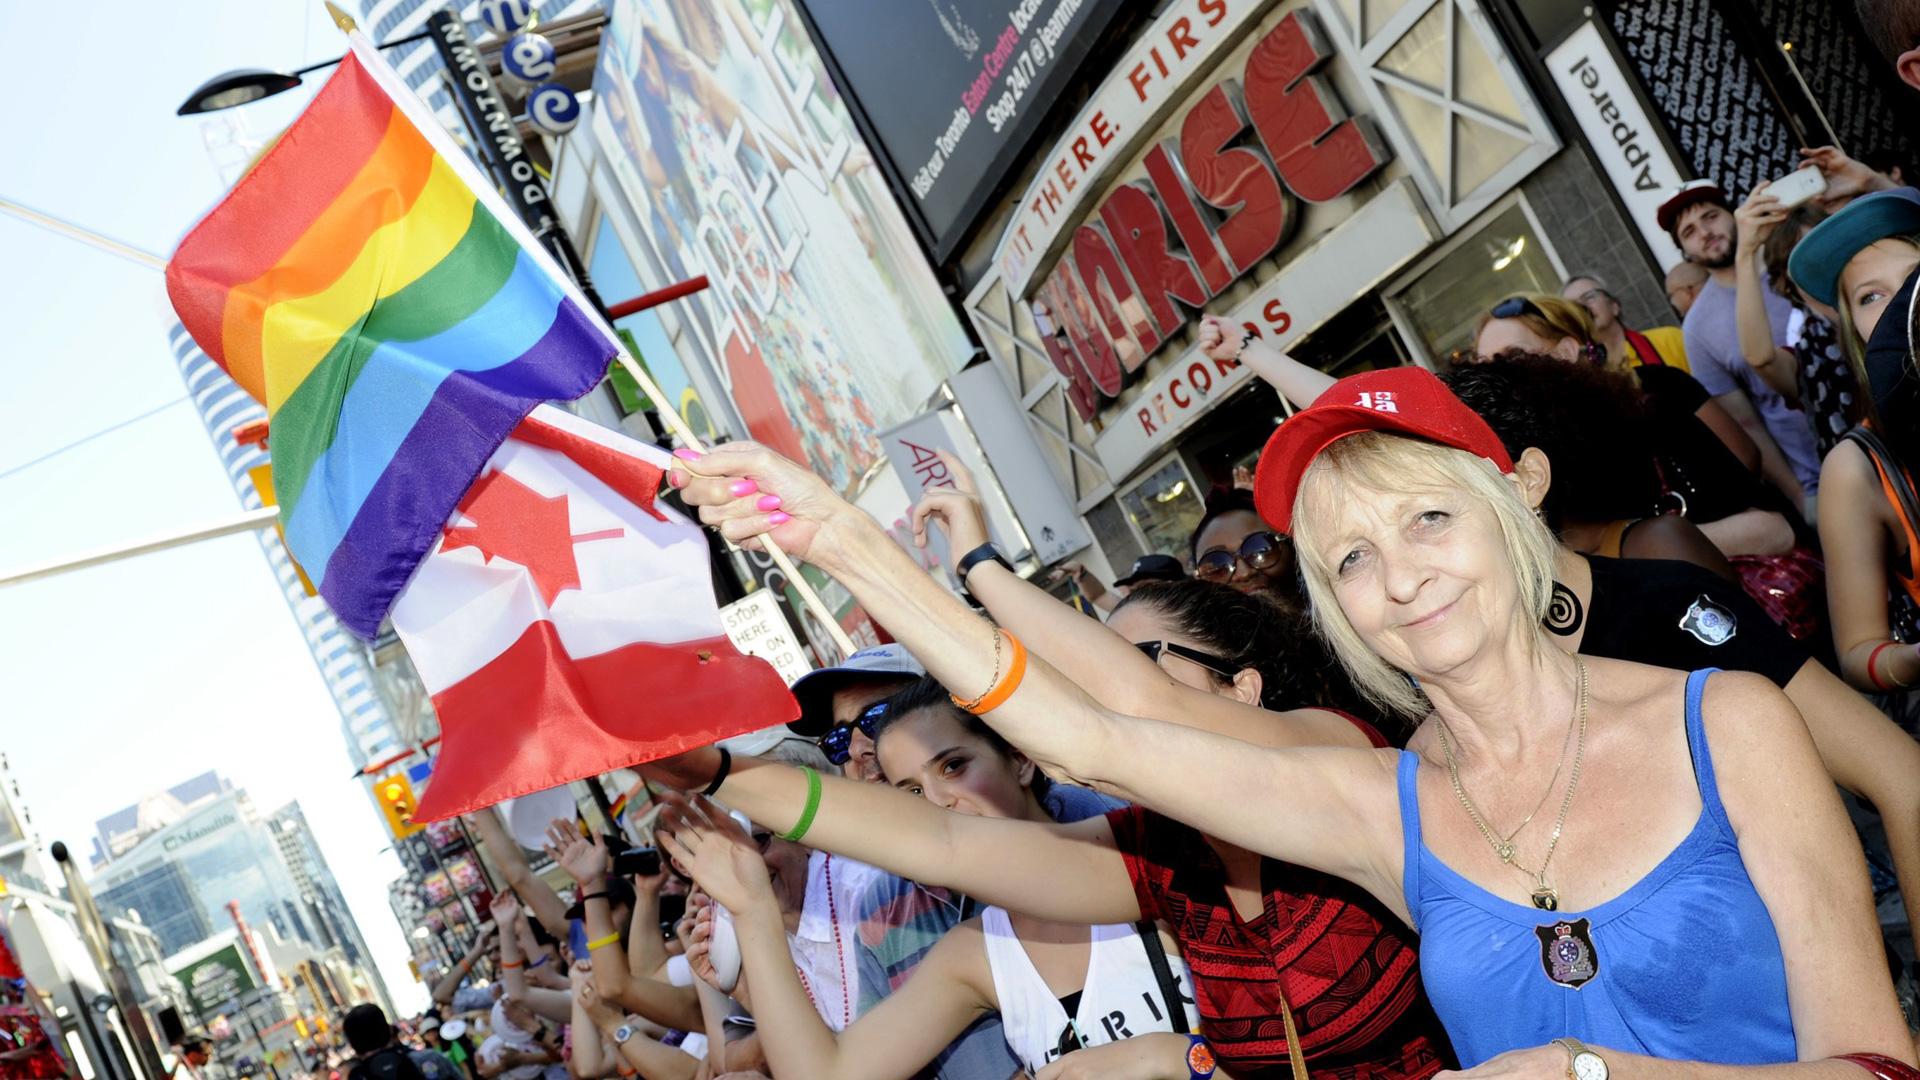 Gay Pride Parade in Toronto